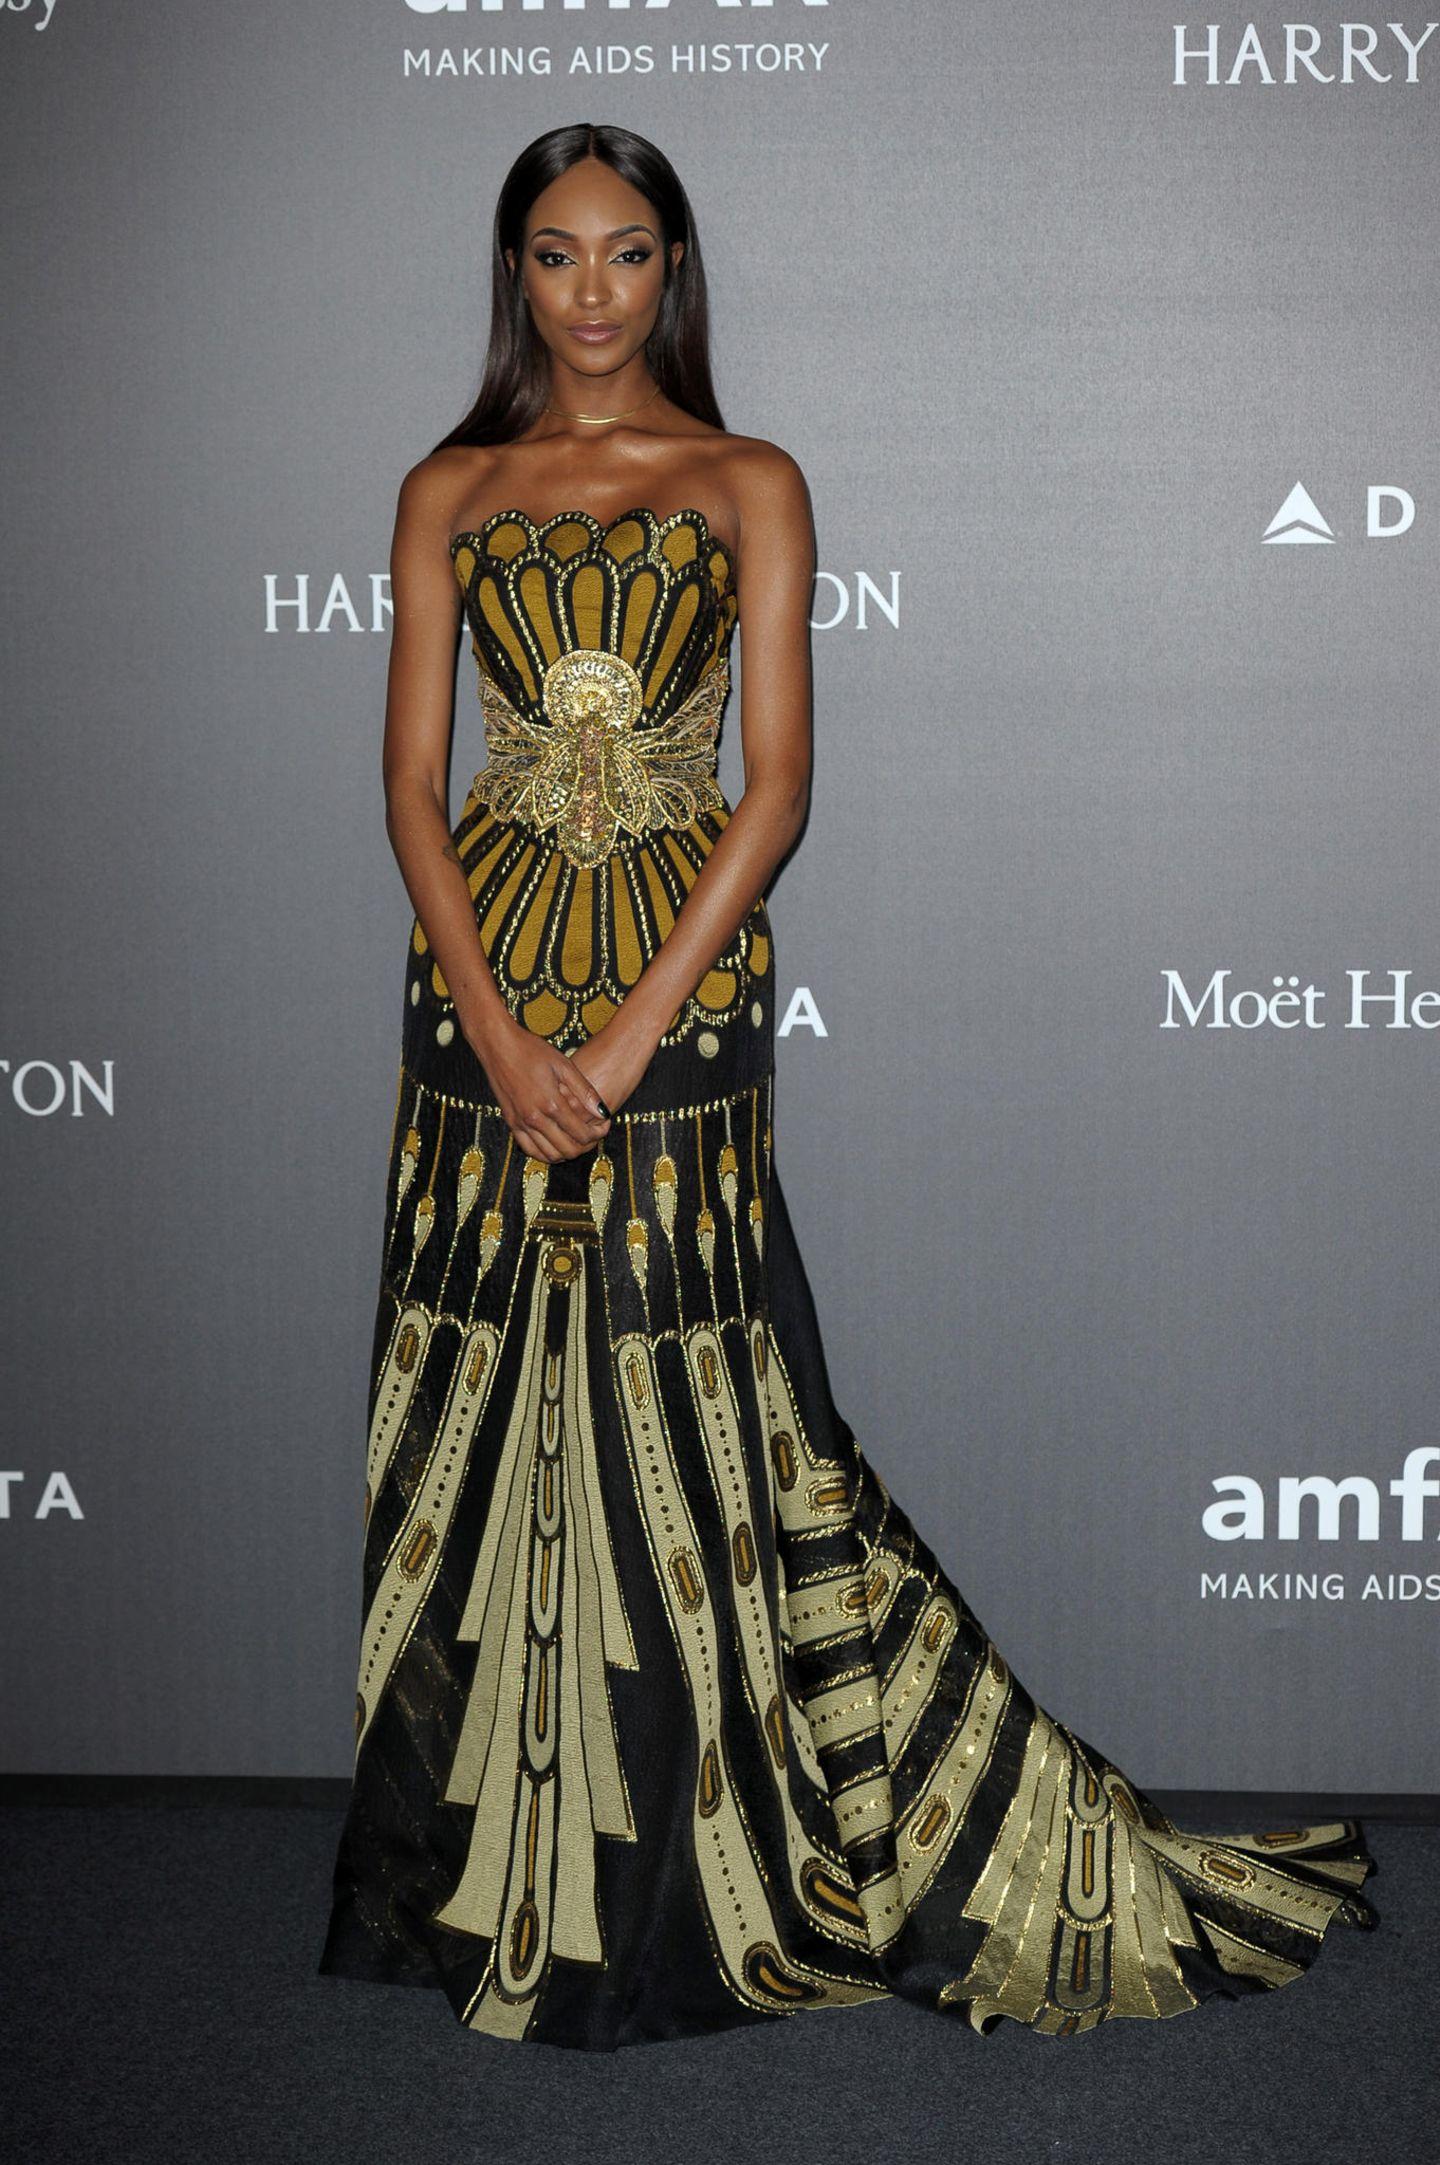 Auch Jourdan Dunn trägt schulterfrei. Der figurbetonte Schnitt ihres güldenen Kleides wird durch das grafische Muster noch verstärkt.